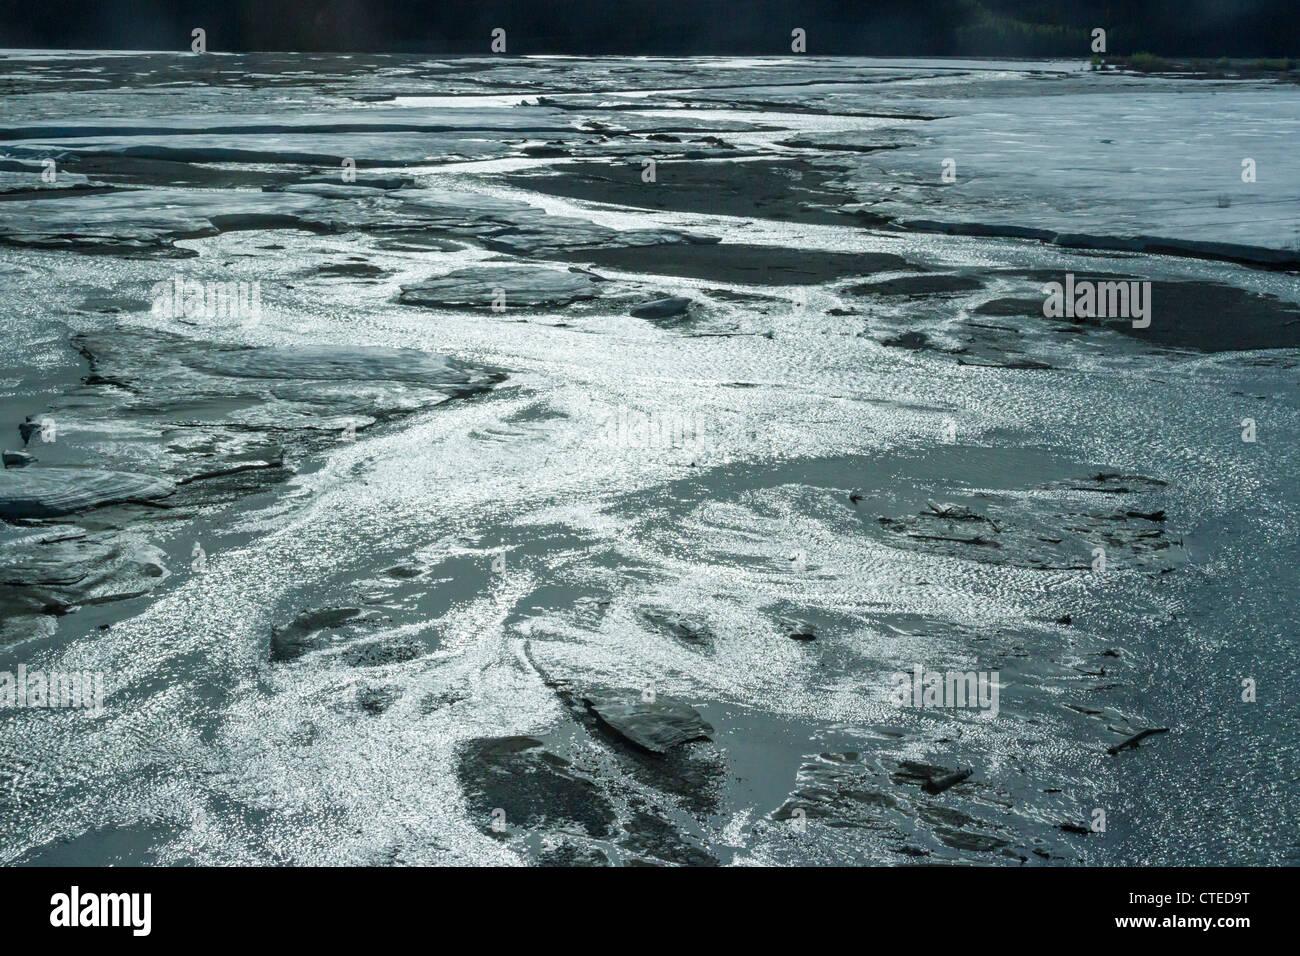 Still frozen braided Tenana river along the Alaska highway near Delta Junction, Alaska. - Stock Image